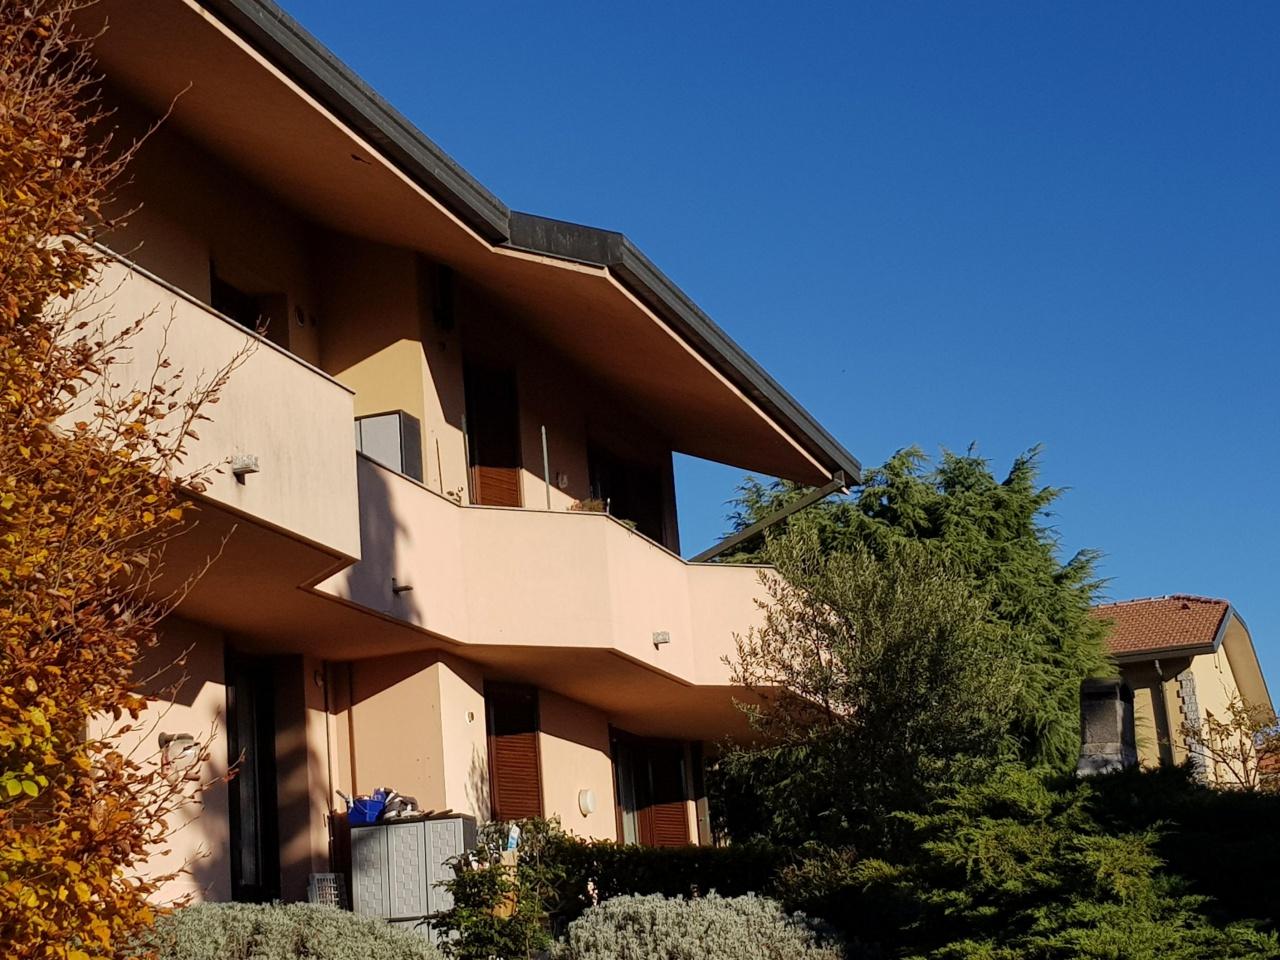 Appartamento in vendita a Orsenigo, 4 locali, prezzo € 165.000 | PortaleAgenzieImmobiliari.it